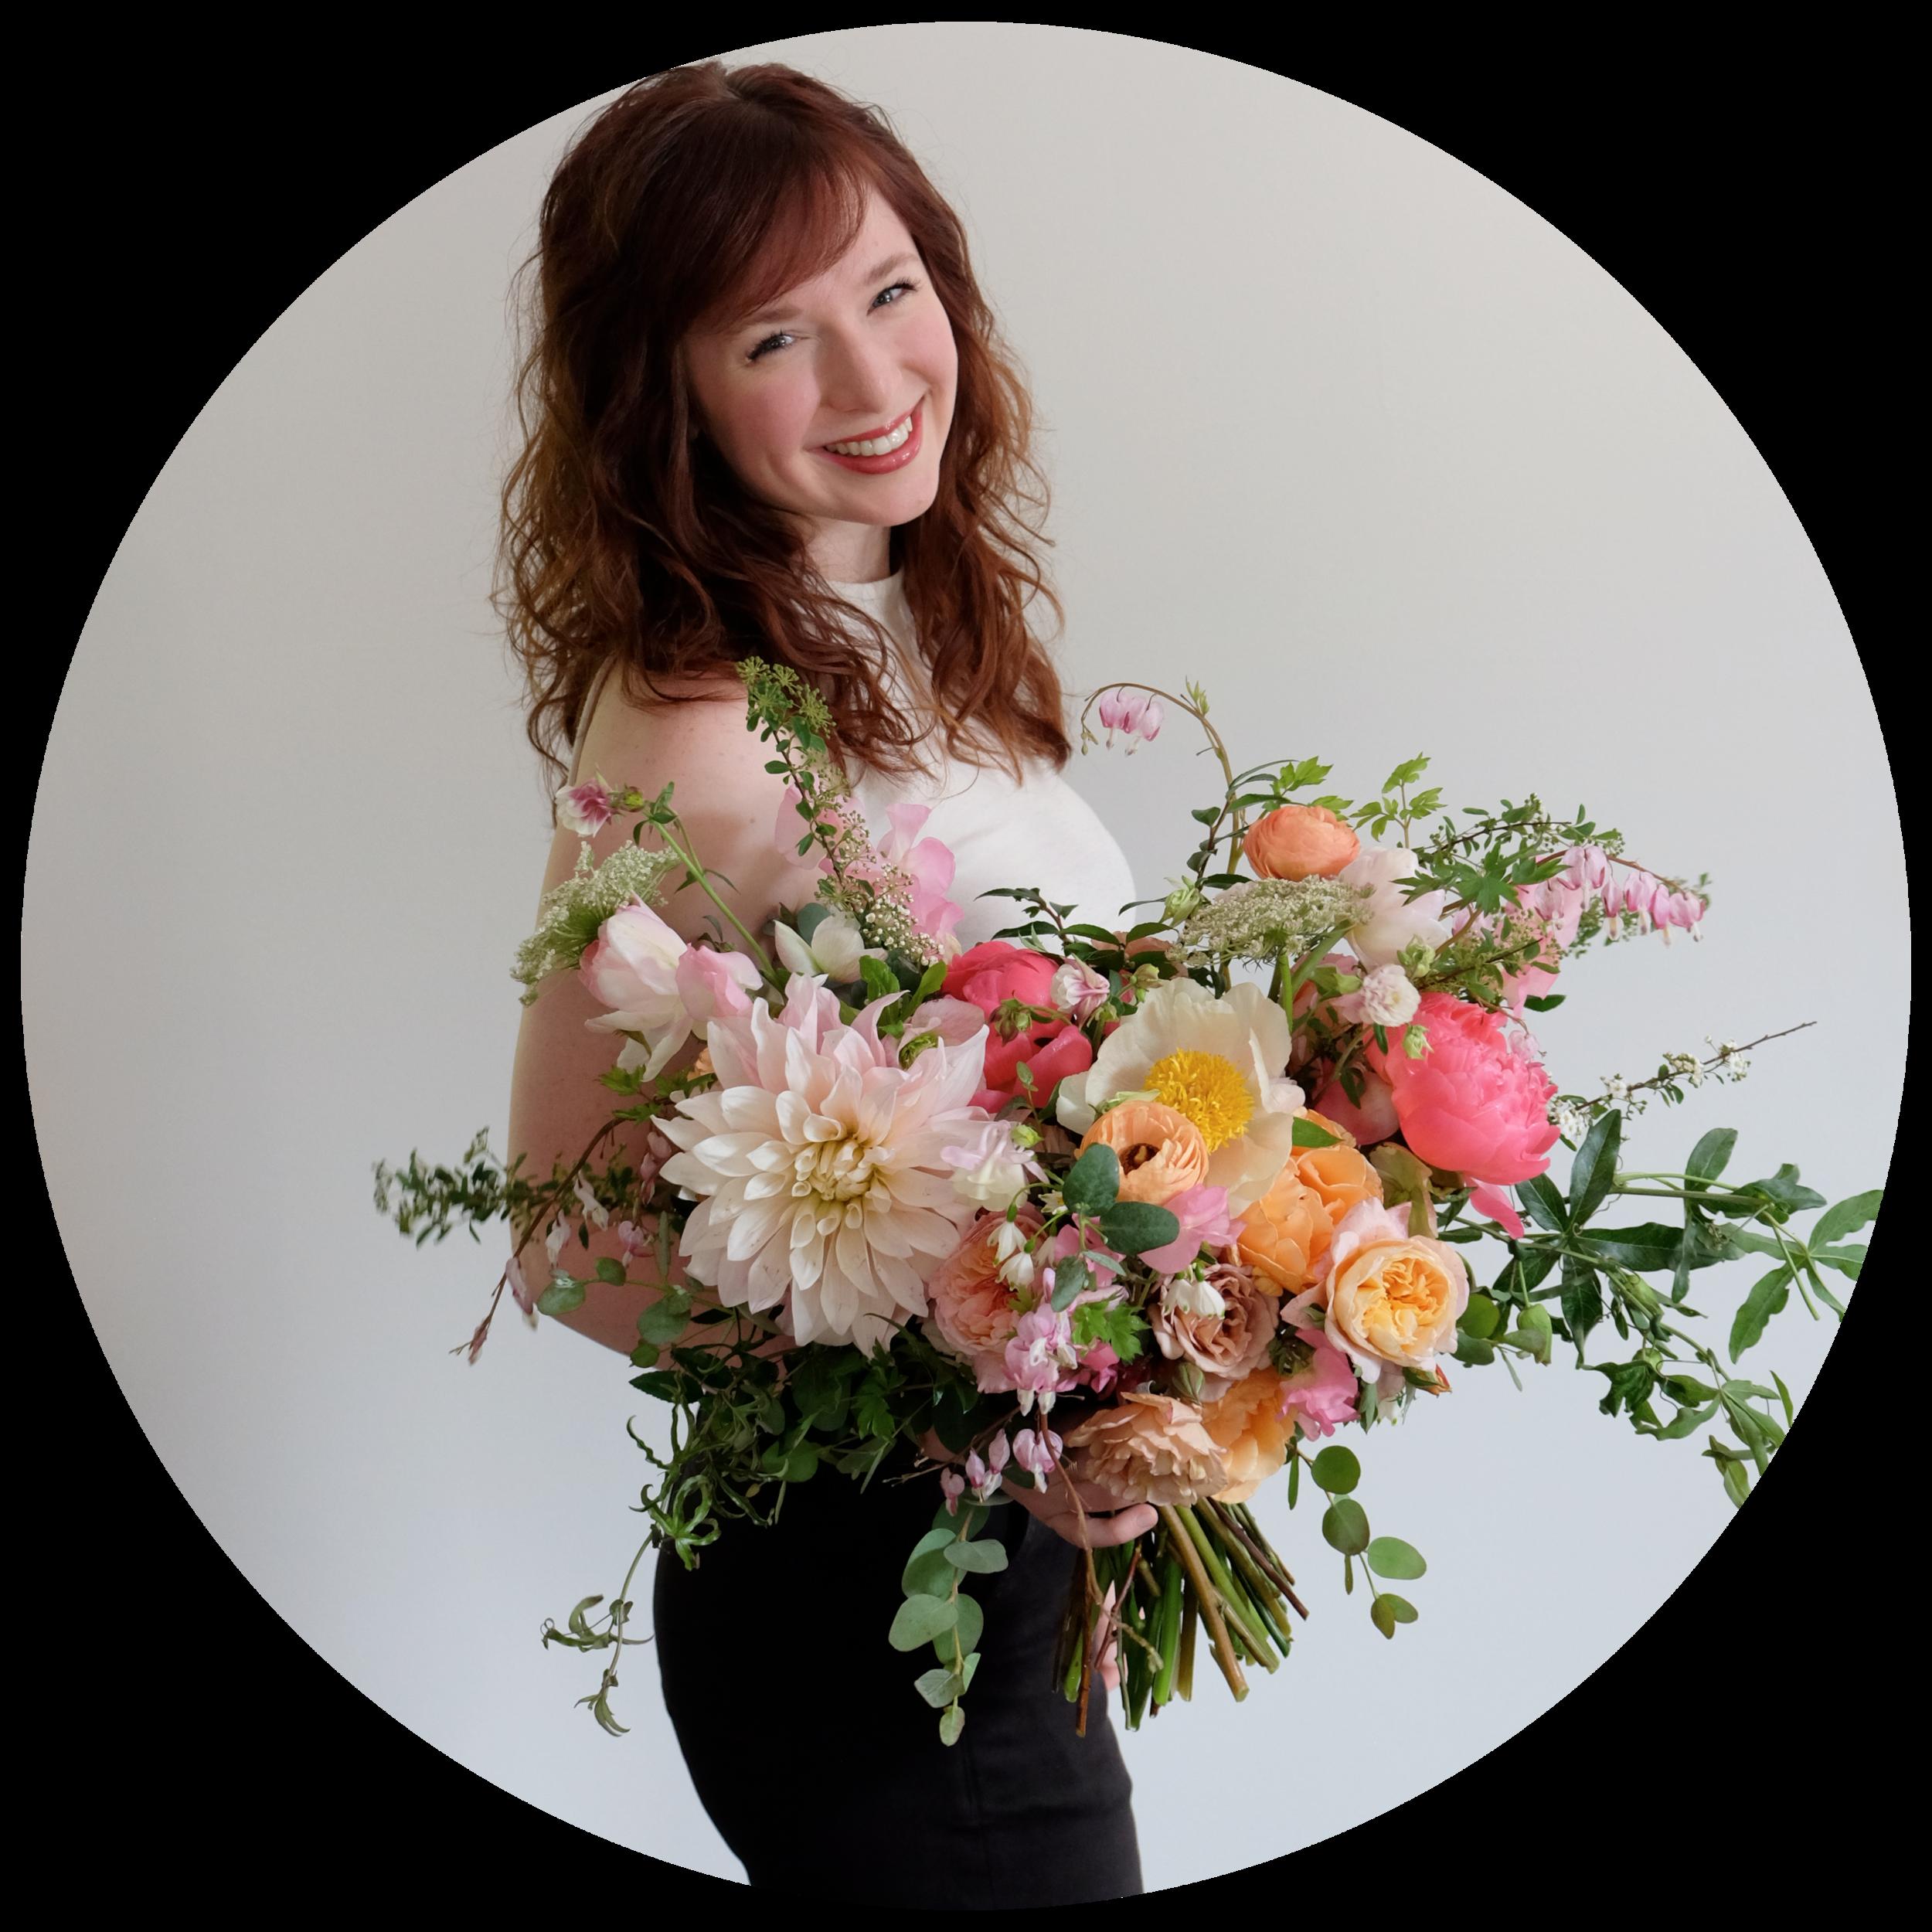 Nashville Wedding Florist, Rosemary & Finch